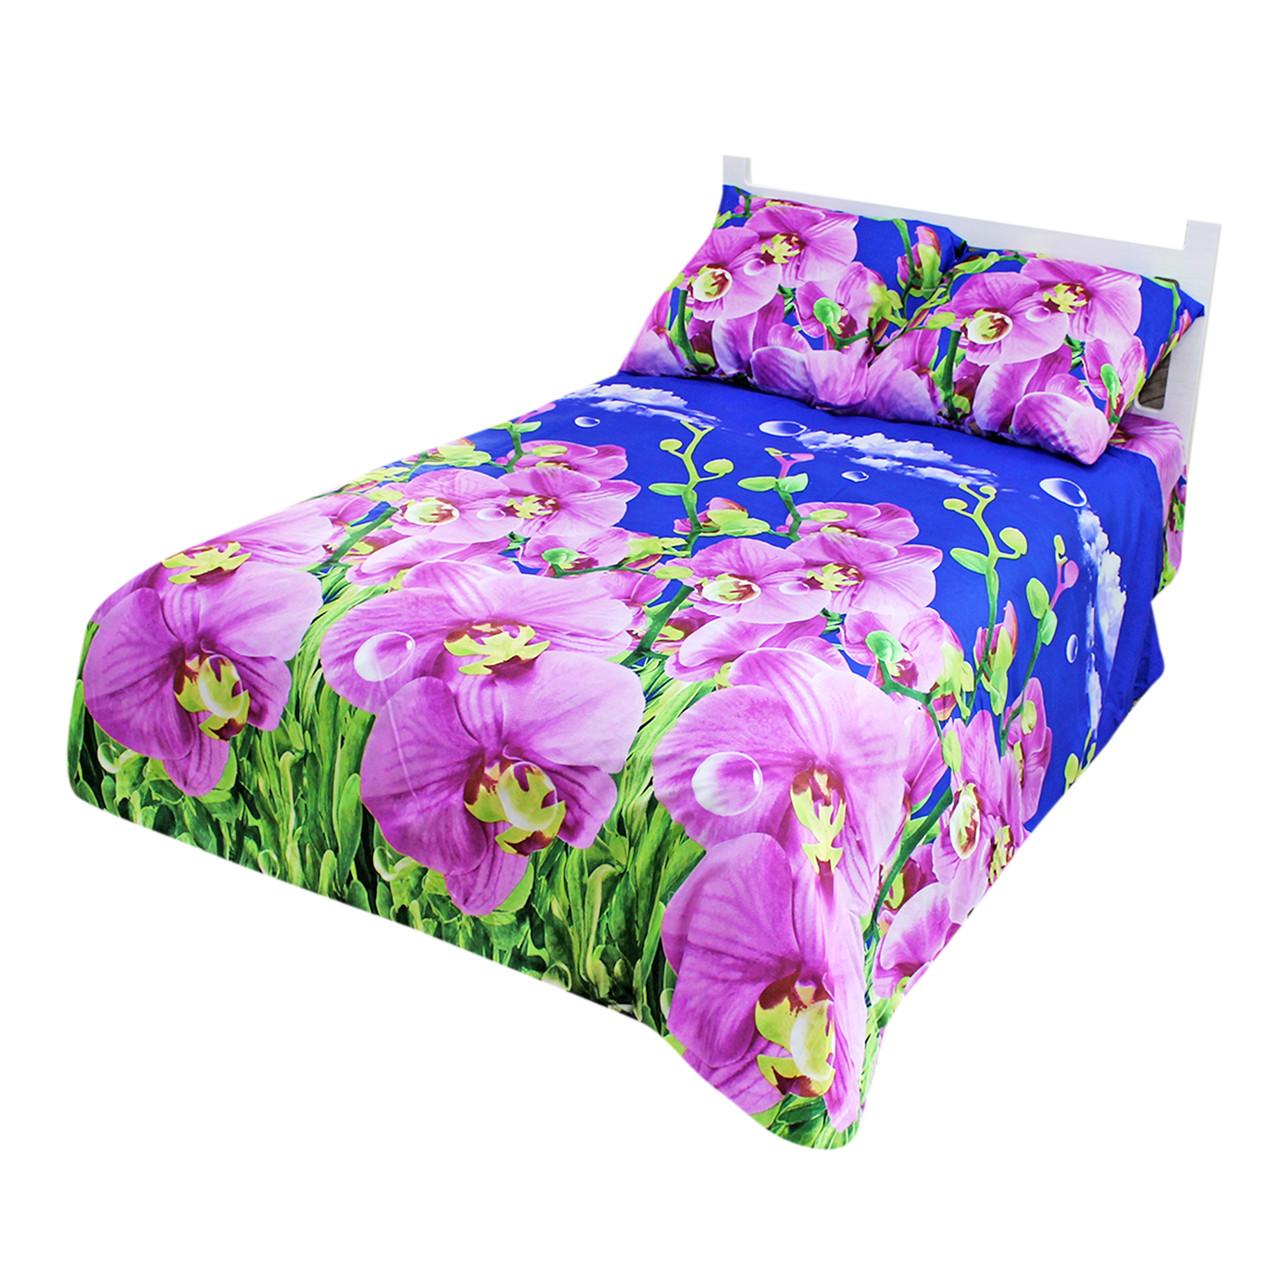 Комплект постельного белья At Home Полуторный 150х215 (PSK_115_0327)